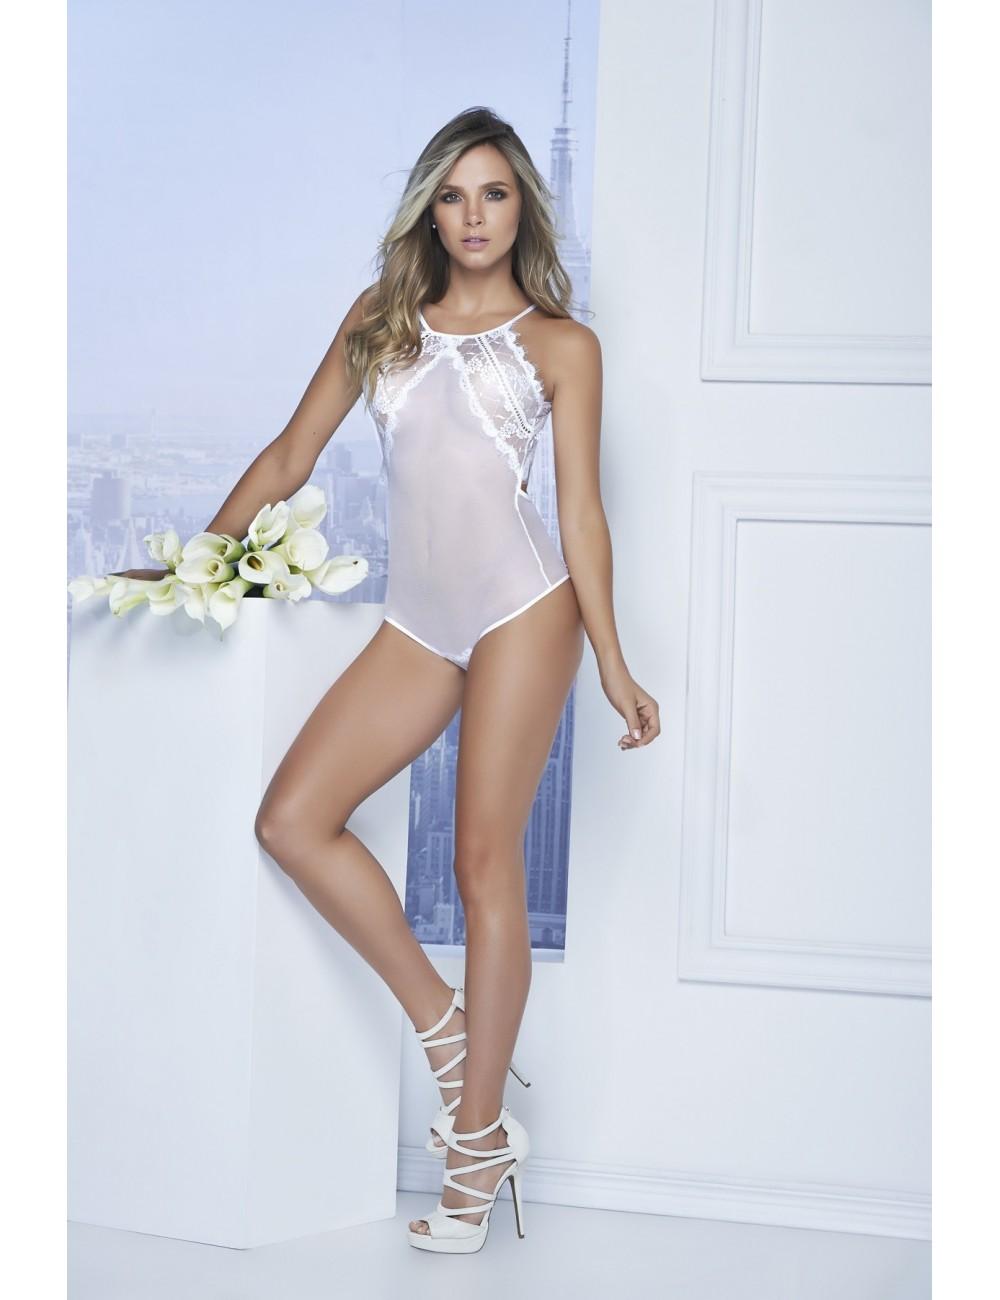 Lingerie - Bodys - Body fine dentelle blanche et de tulle Style 7108 - Mapalé